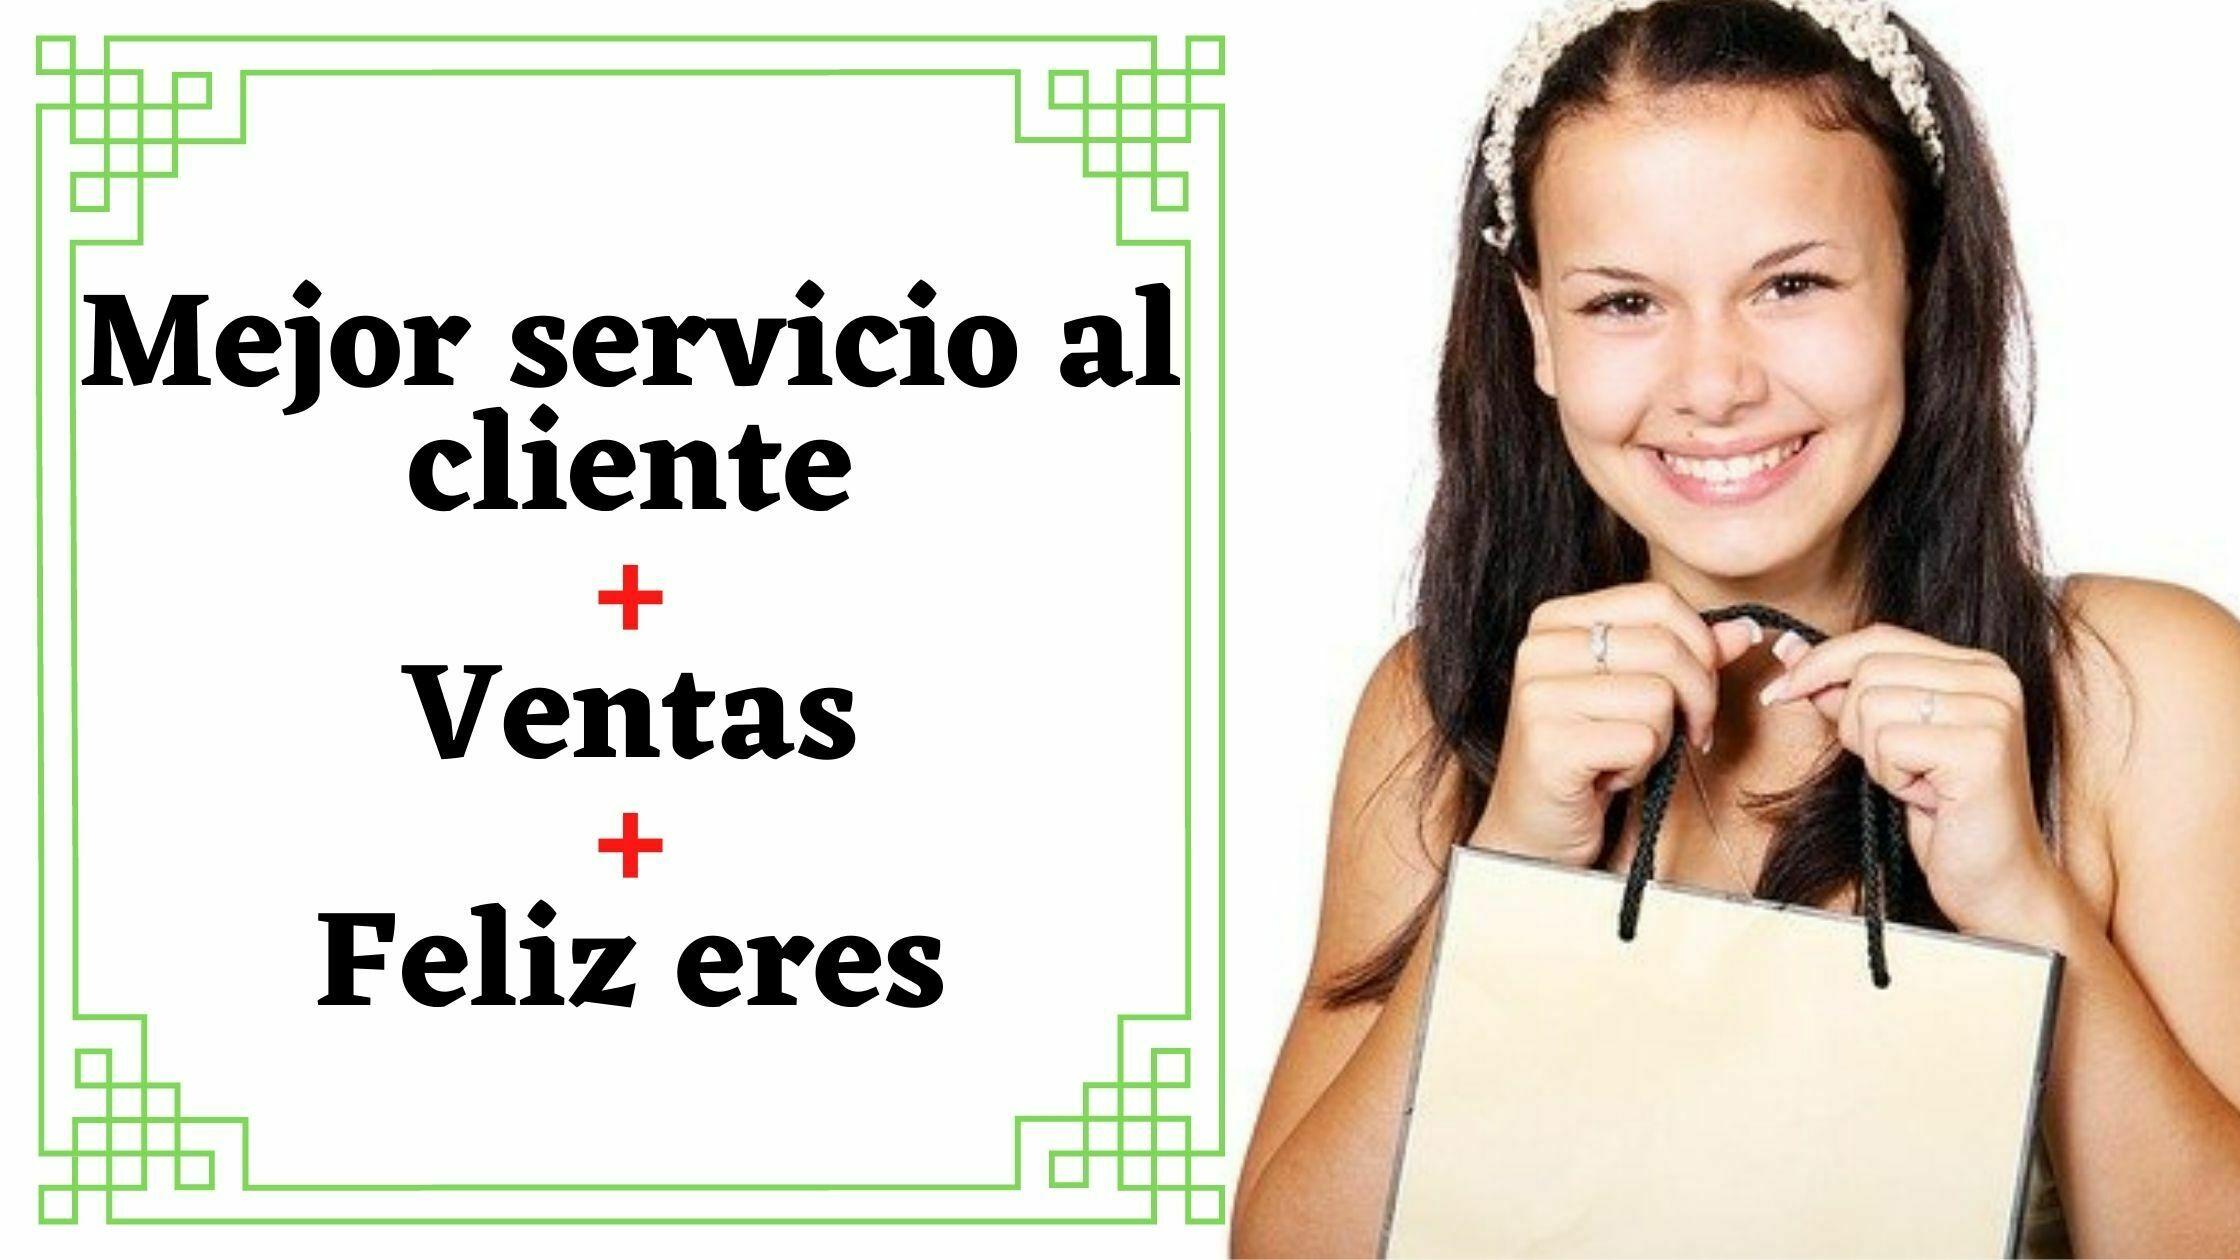 El servicio al cliente como ventaja competitiva en 2020